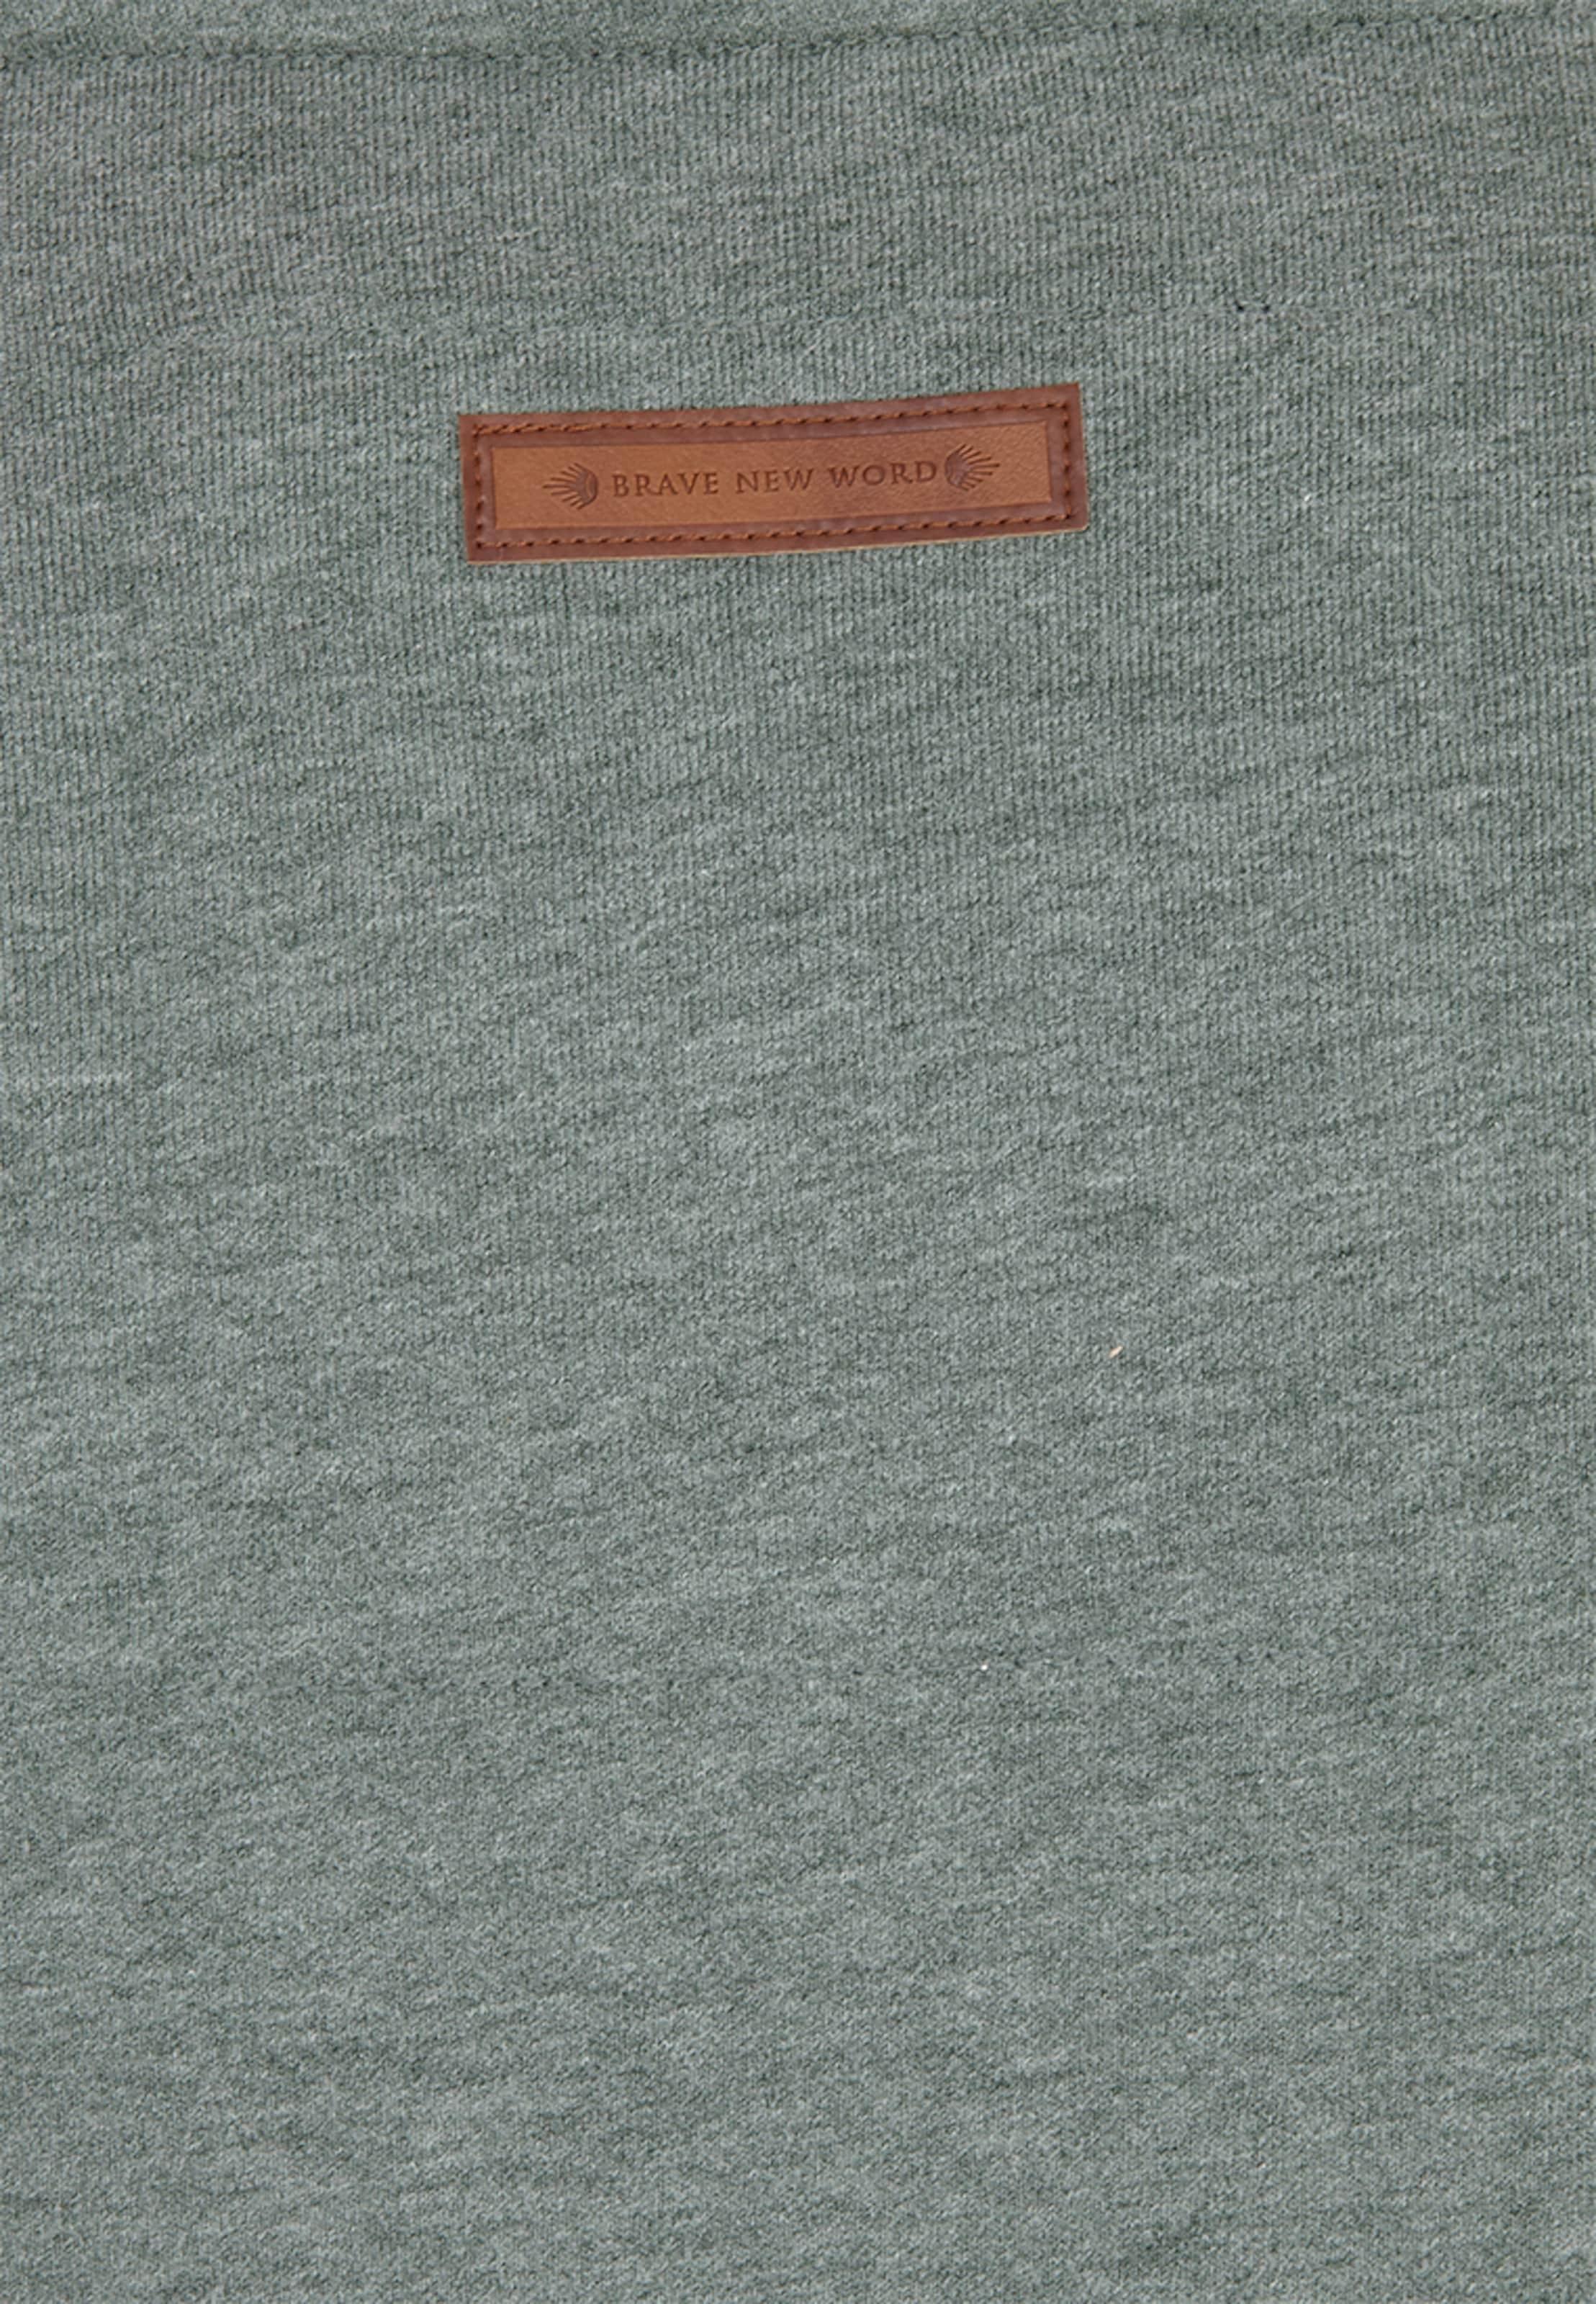 Mit Paypal Günstigem Preis naketano Male Zipped Jacket Jan Mopila Freies Verschiffen Schnelle Lieferung Freies Verschiffen Footaction 100% Original Günstiger Preis bDYzkQm2H